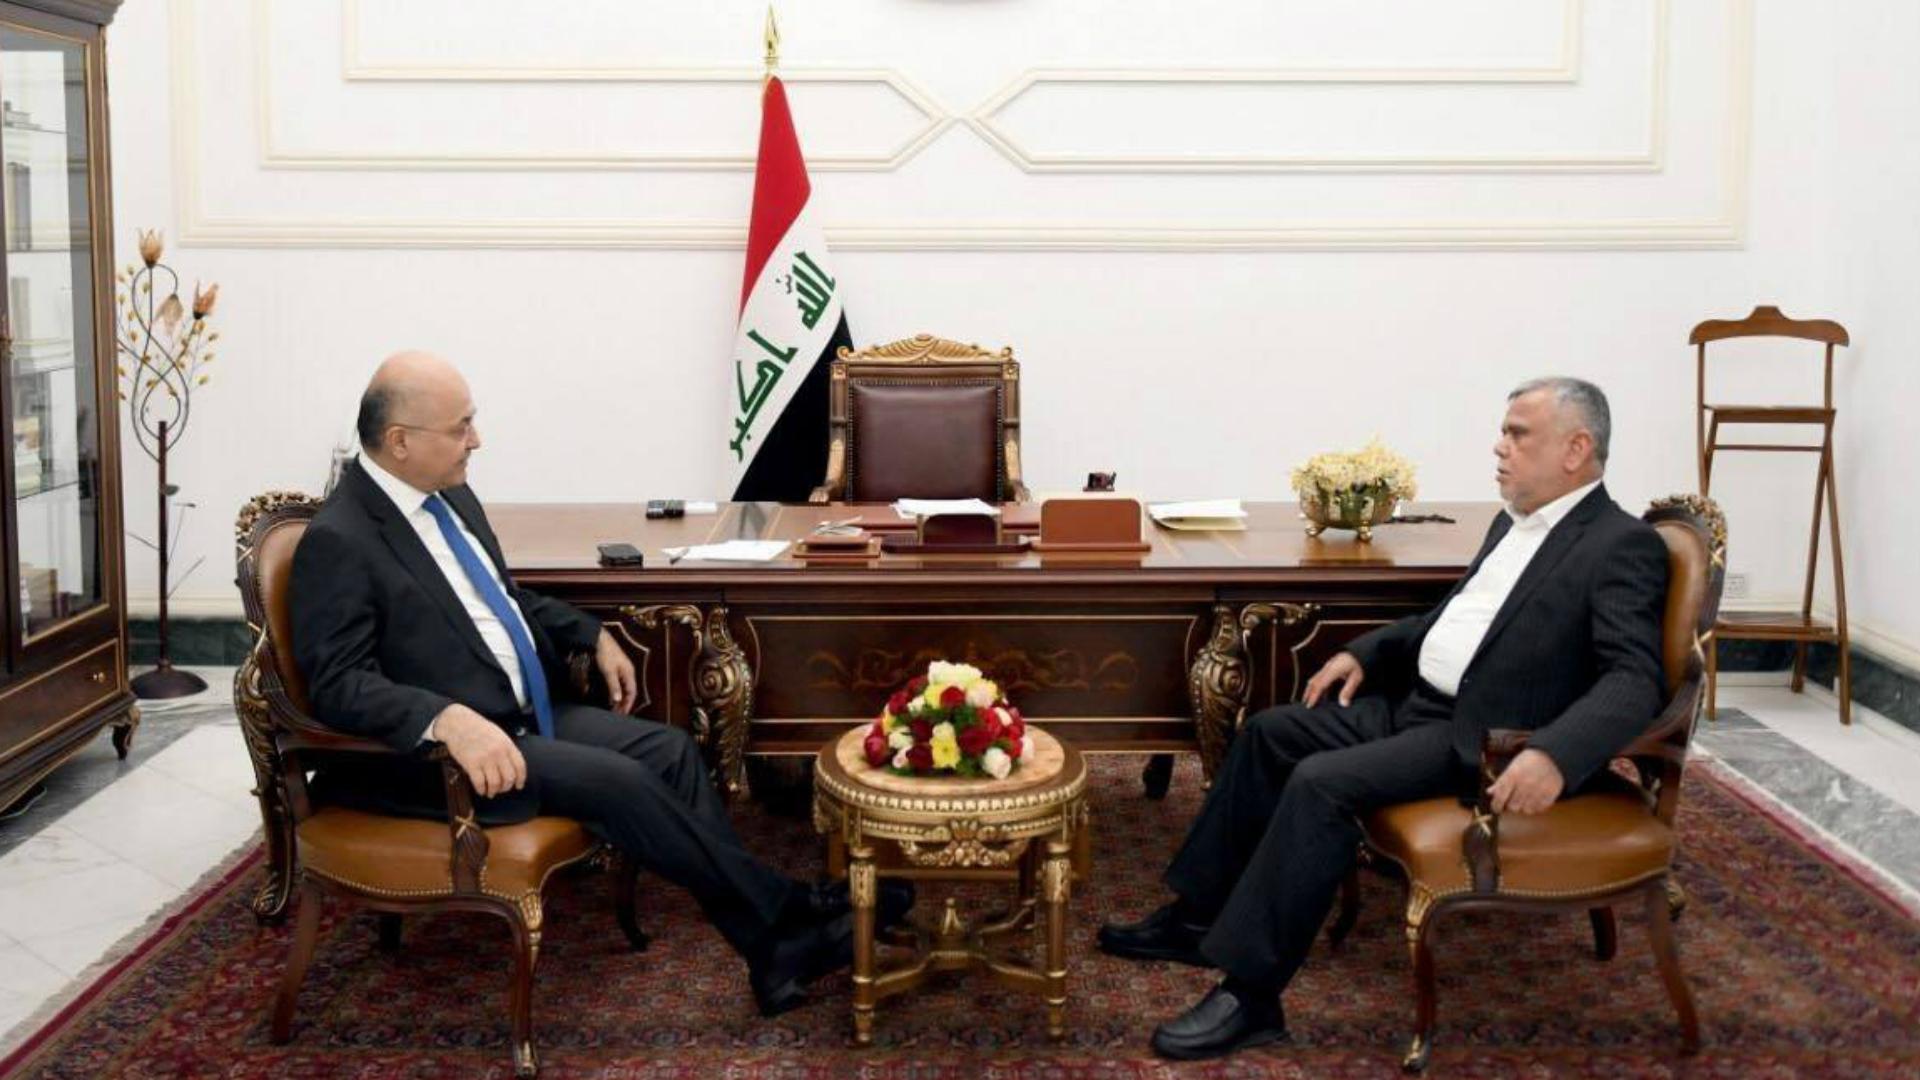 صالح يبدأ مشاورات لاختيار مرشح جديد لمنصب رئاسة الوزراء